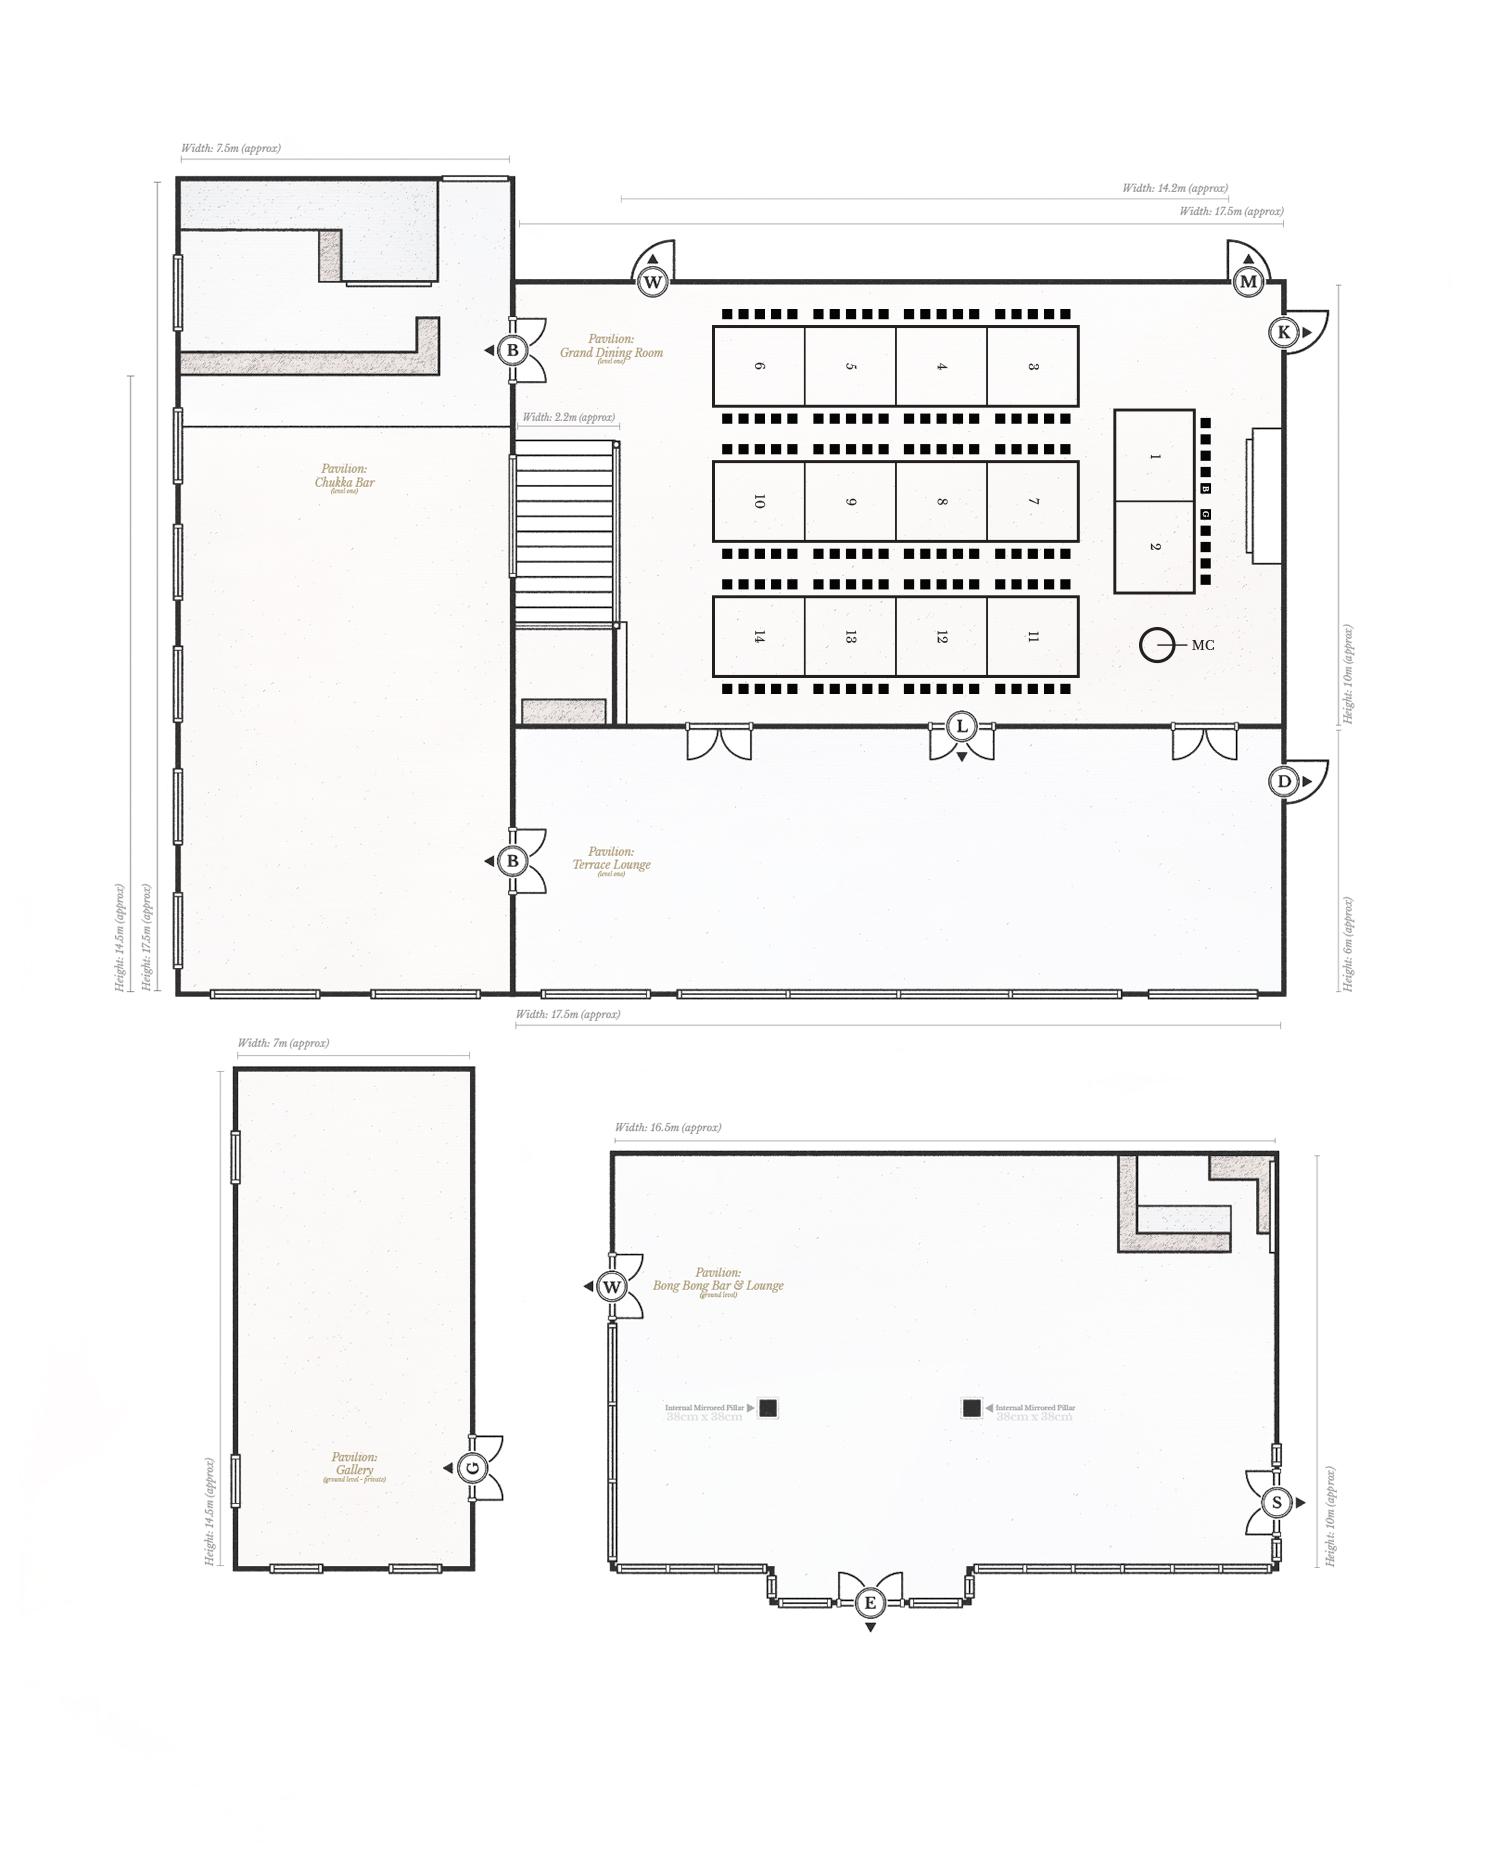 Hopewood-House-Pavilion-Table-Layout-.jpg